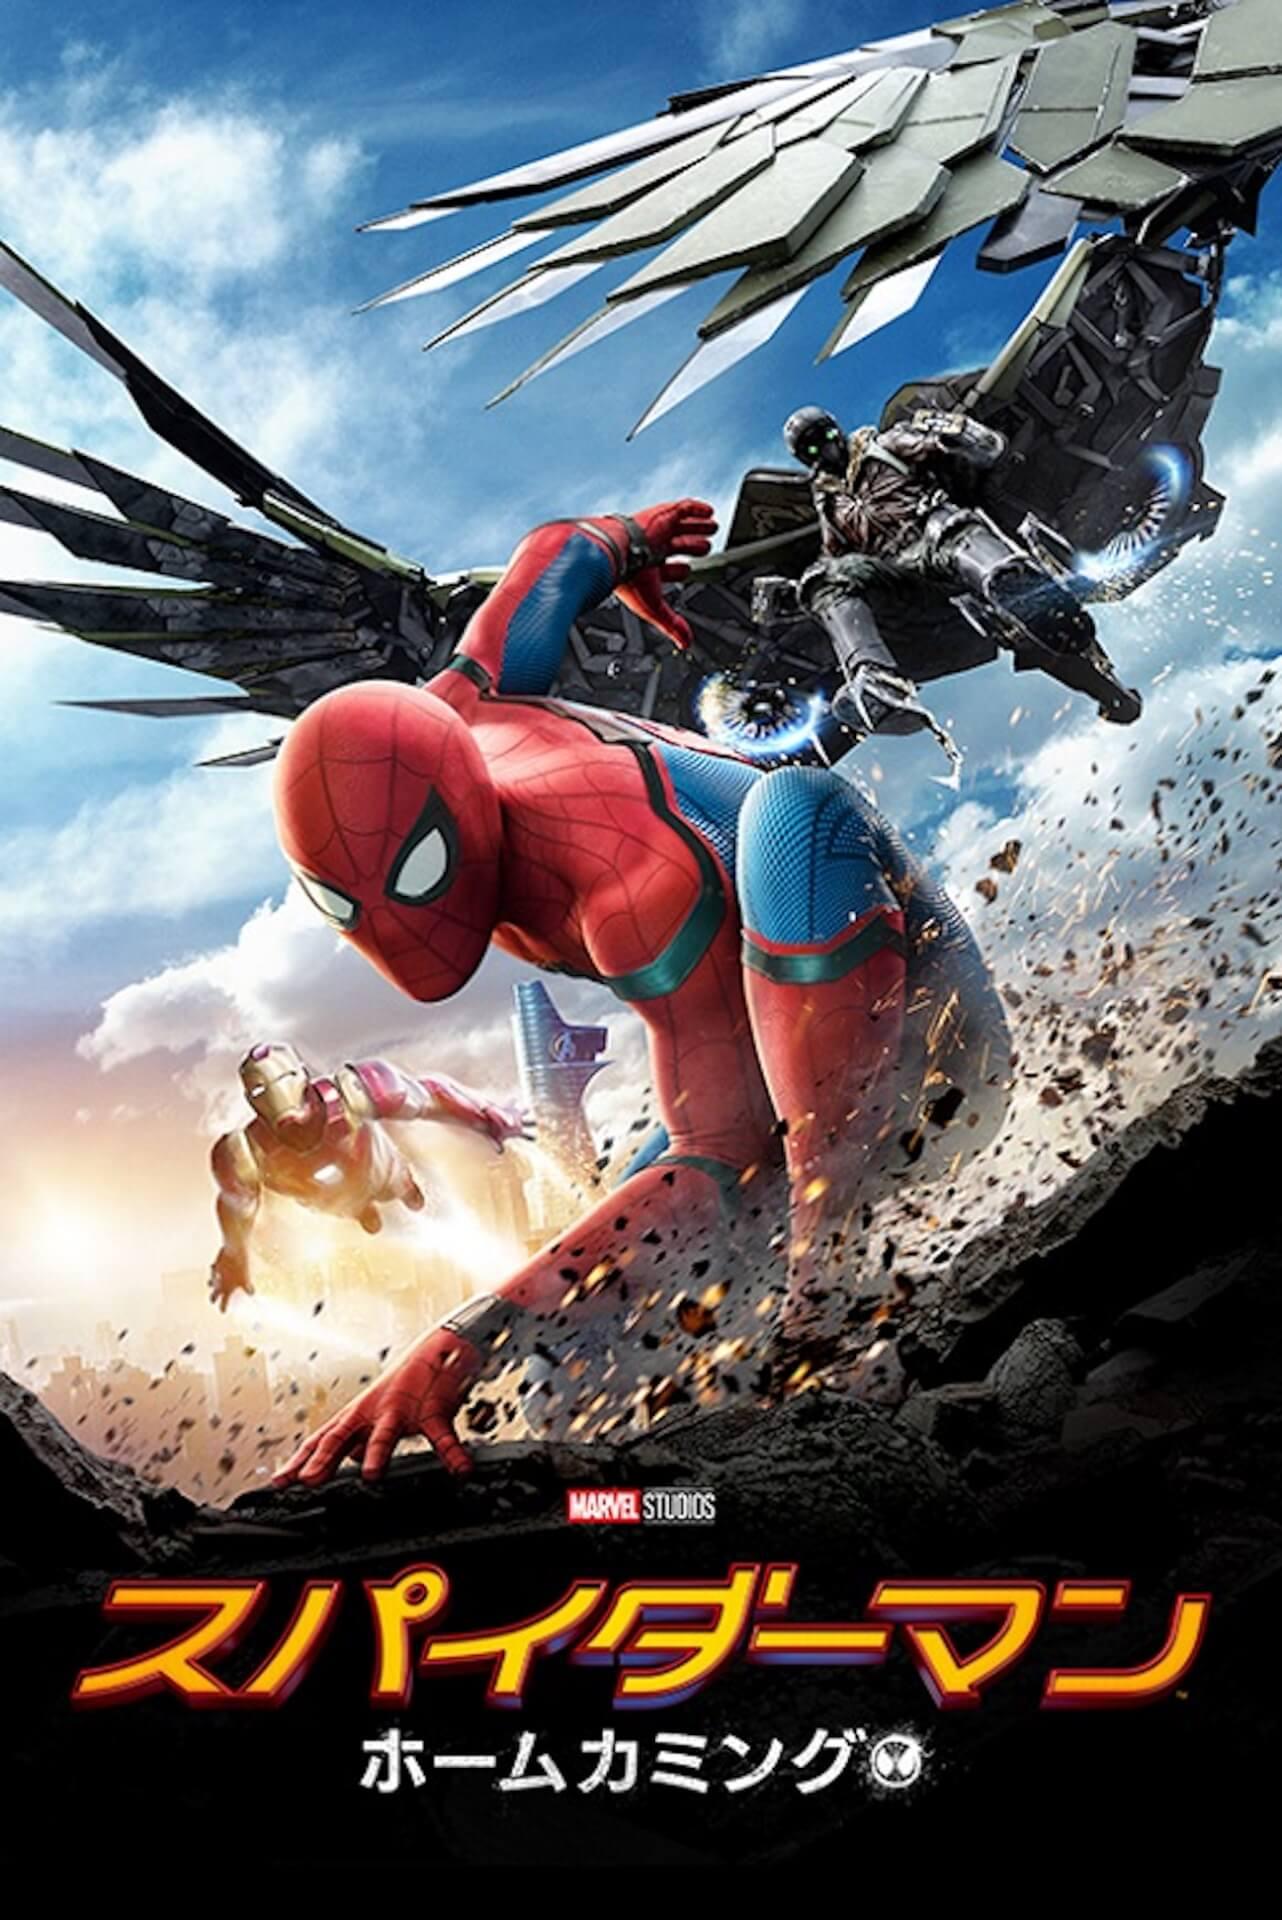 『スパイダーマン』シリーズの一部本編映像&NG映像も解禁!「スパイダーマン ファンウィーク」が本日より開催 flim210728_spiderman_6